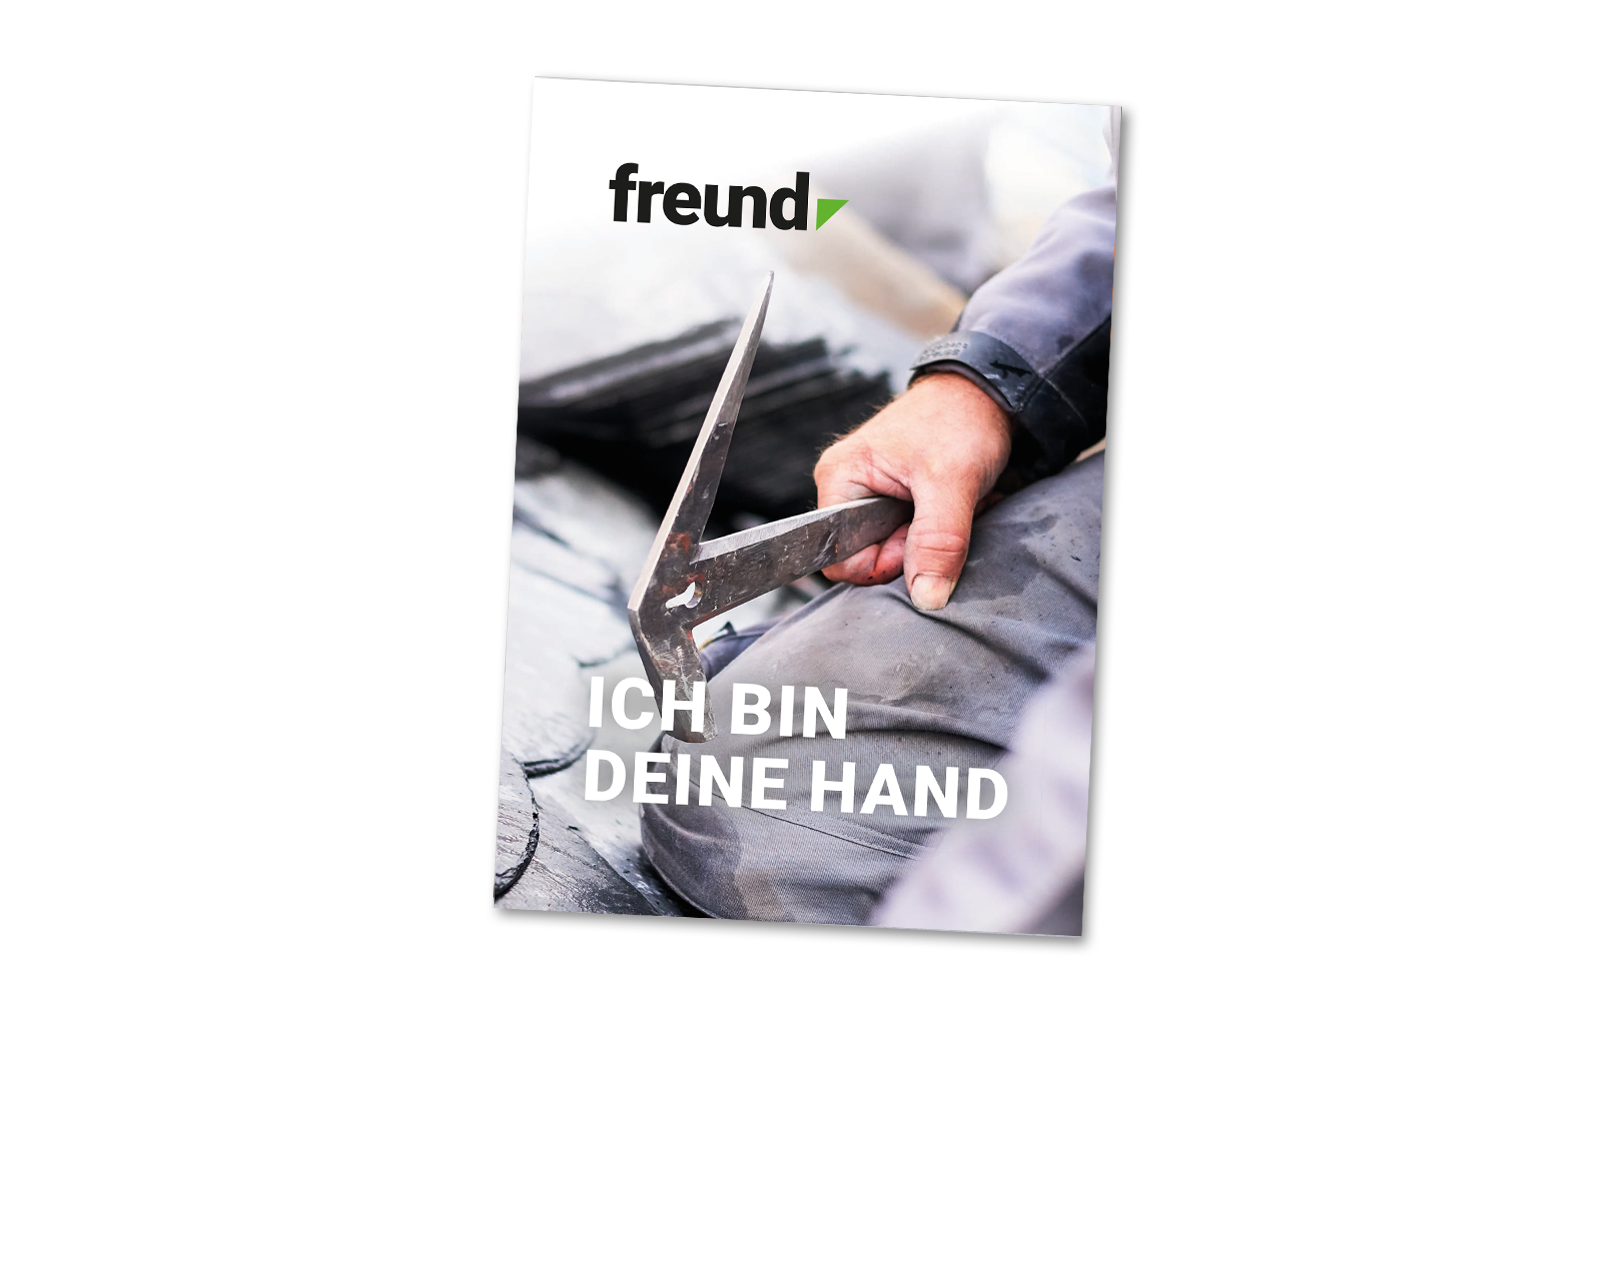 Nyt Freund katalog